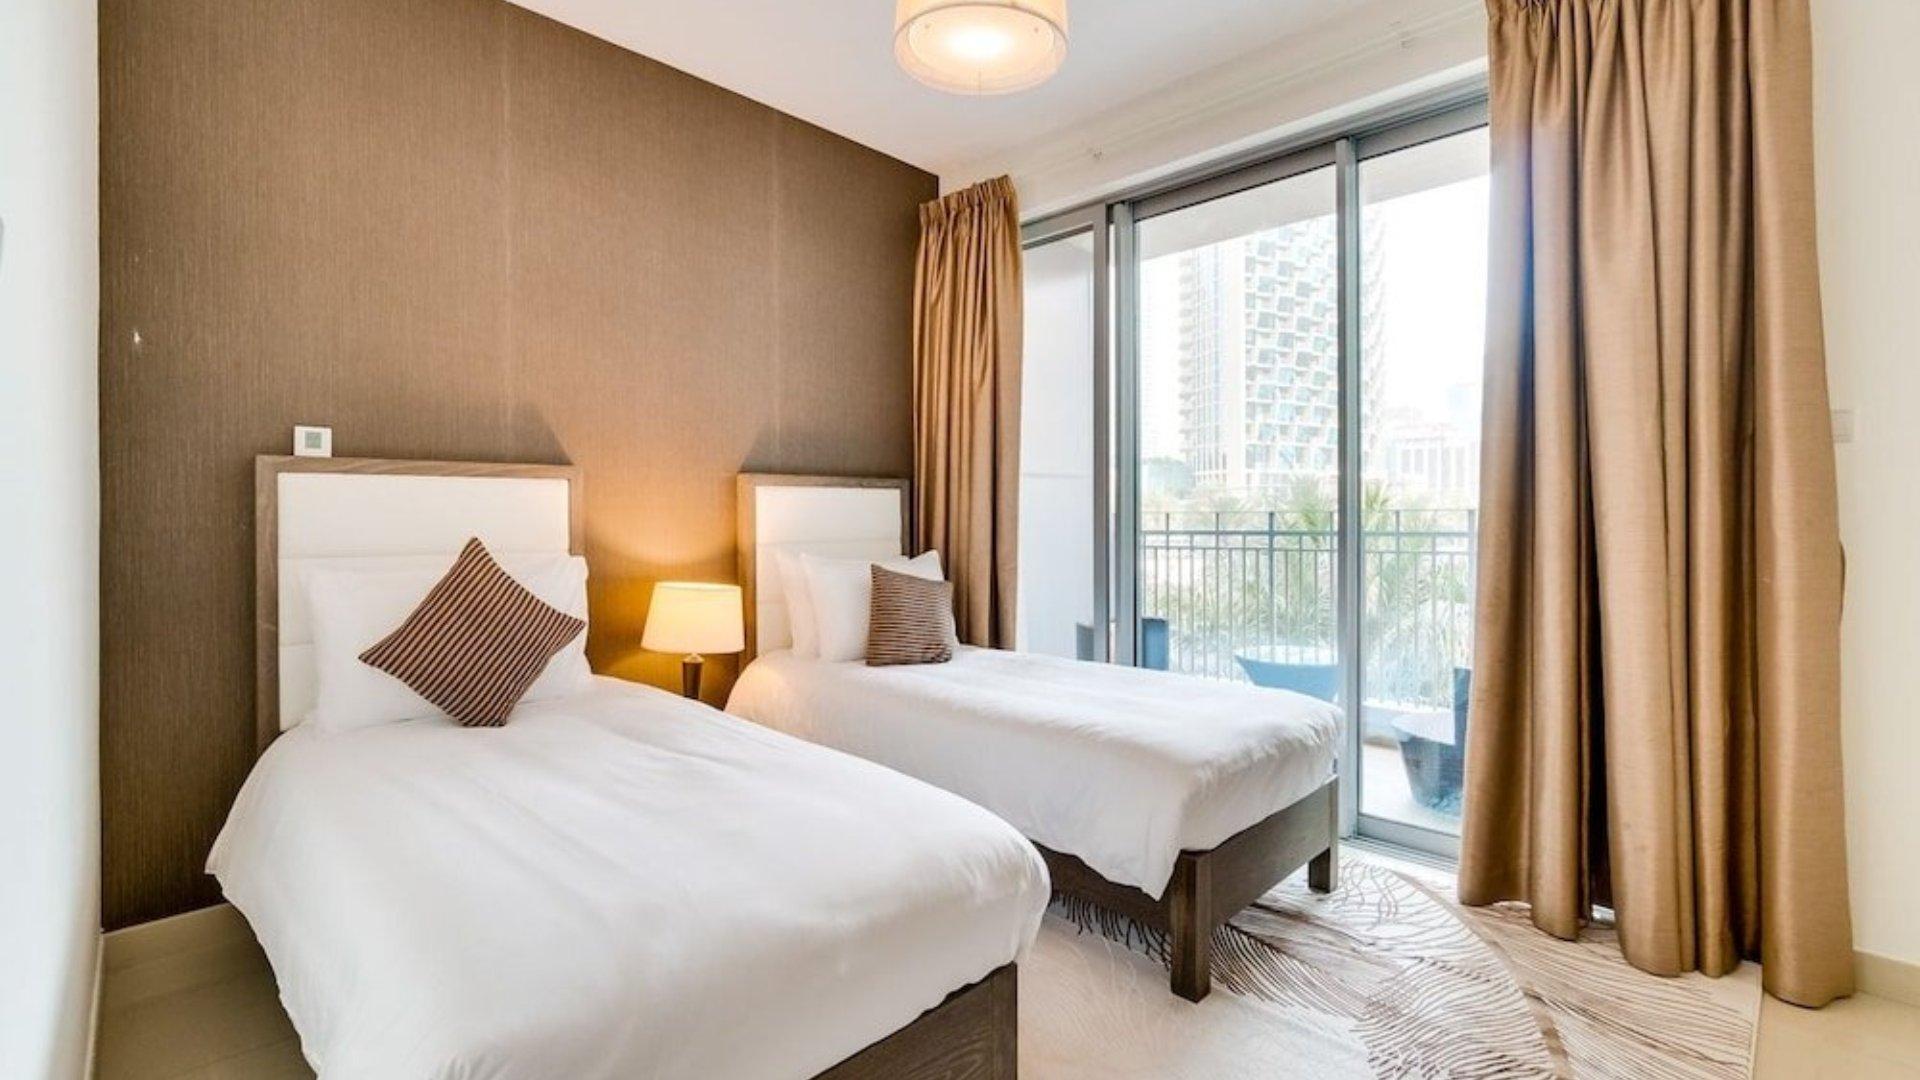 Villa en venta en Dubai, EAU, 3 dormitorios, 311 m2, № 24376 – foto 1